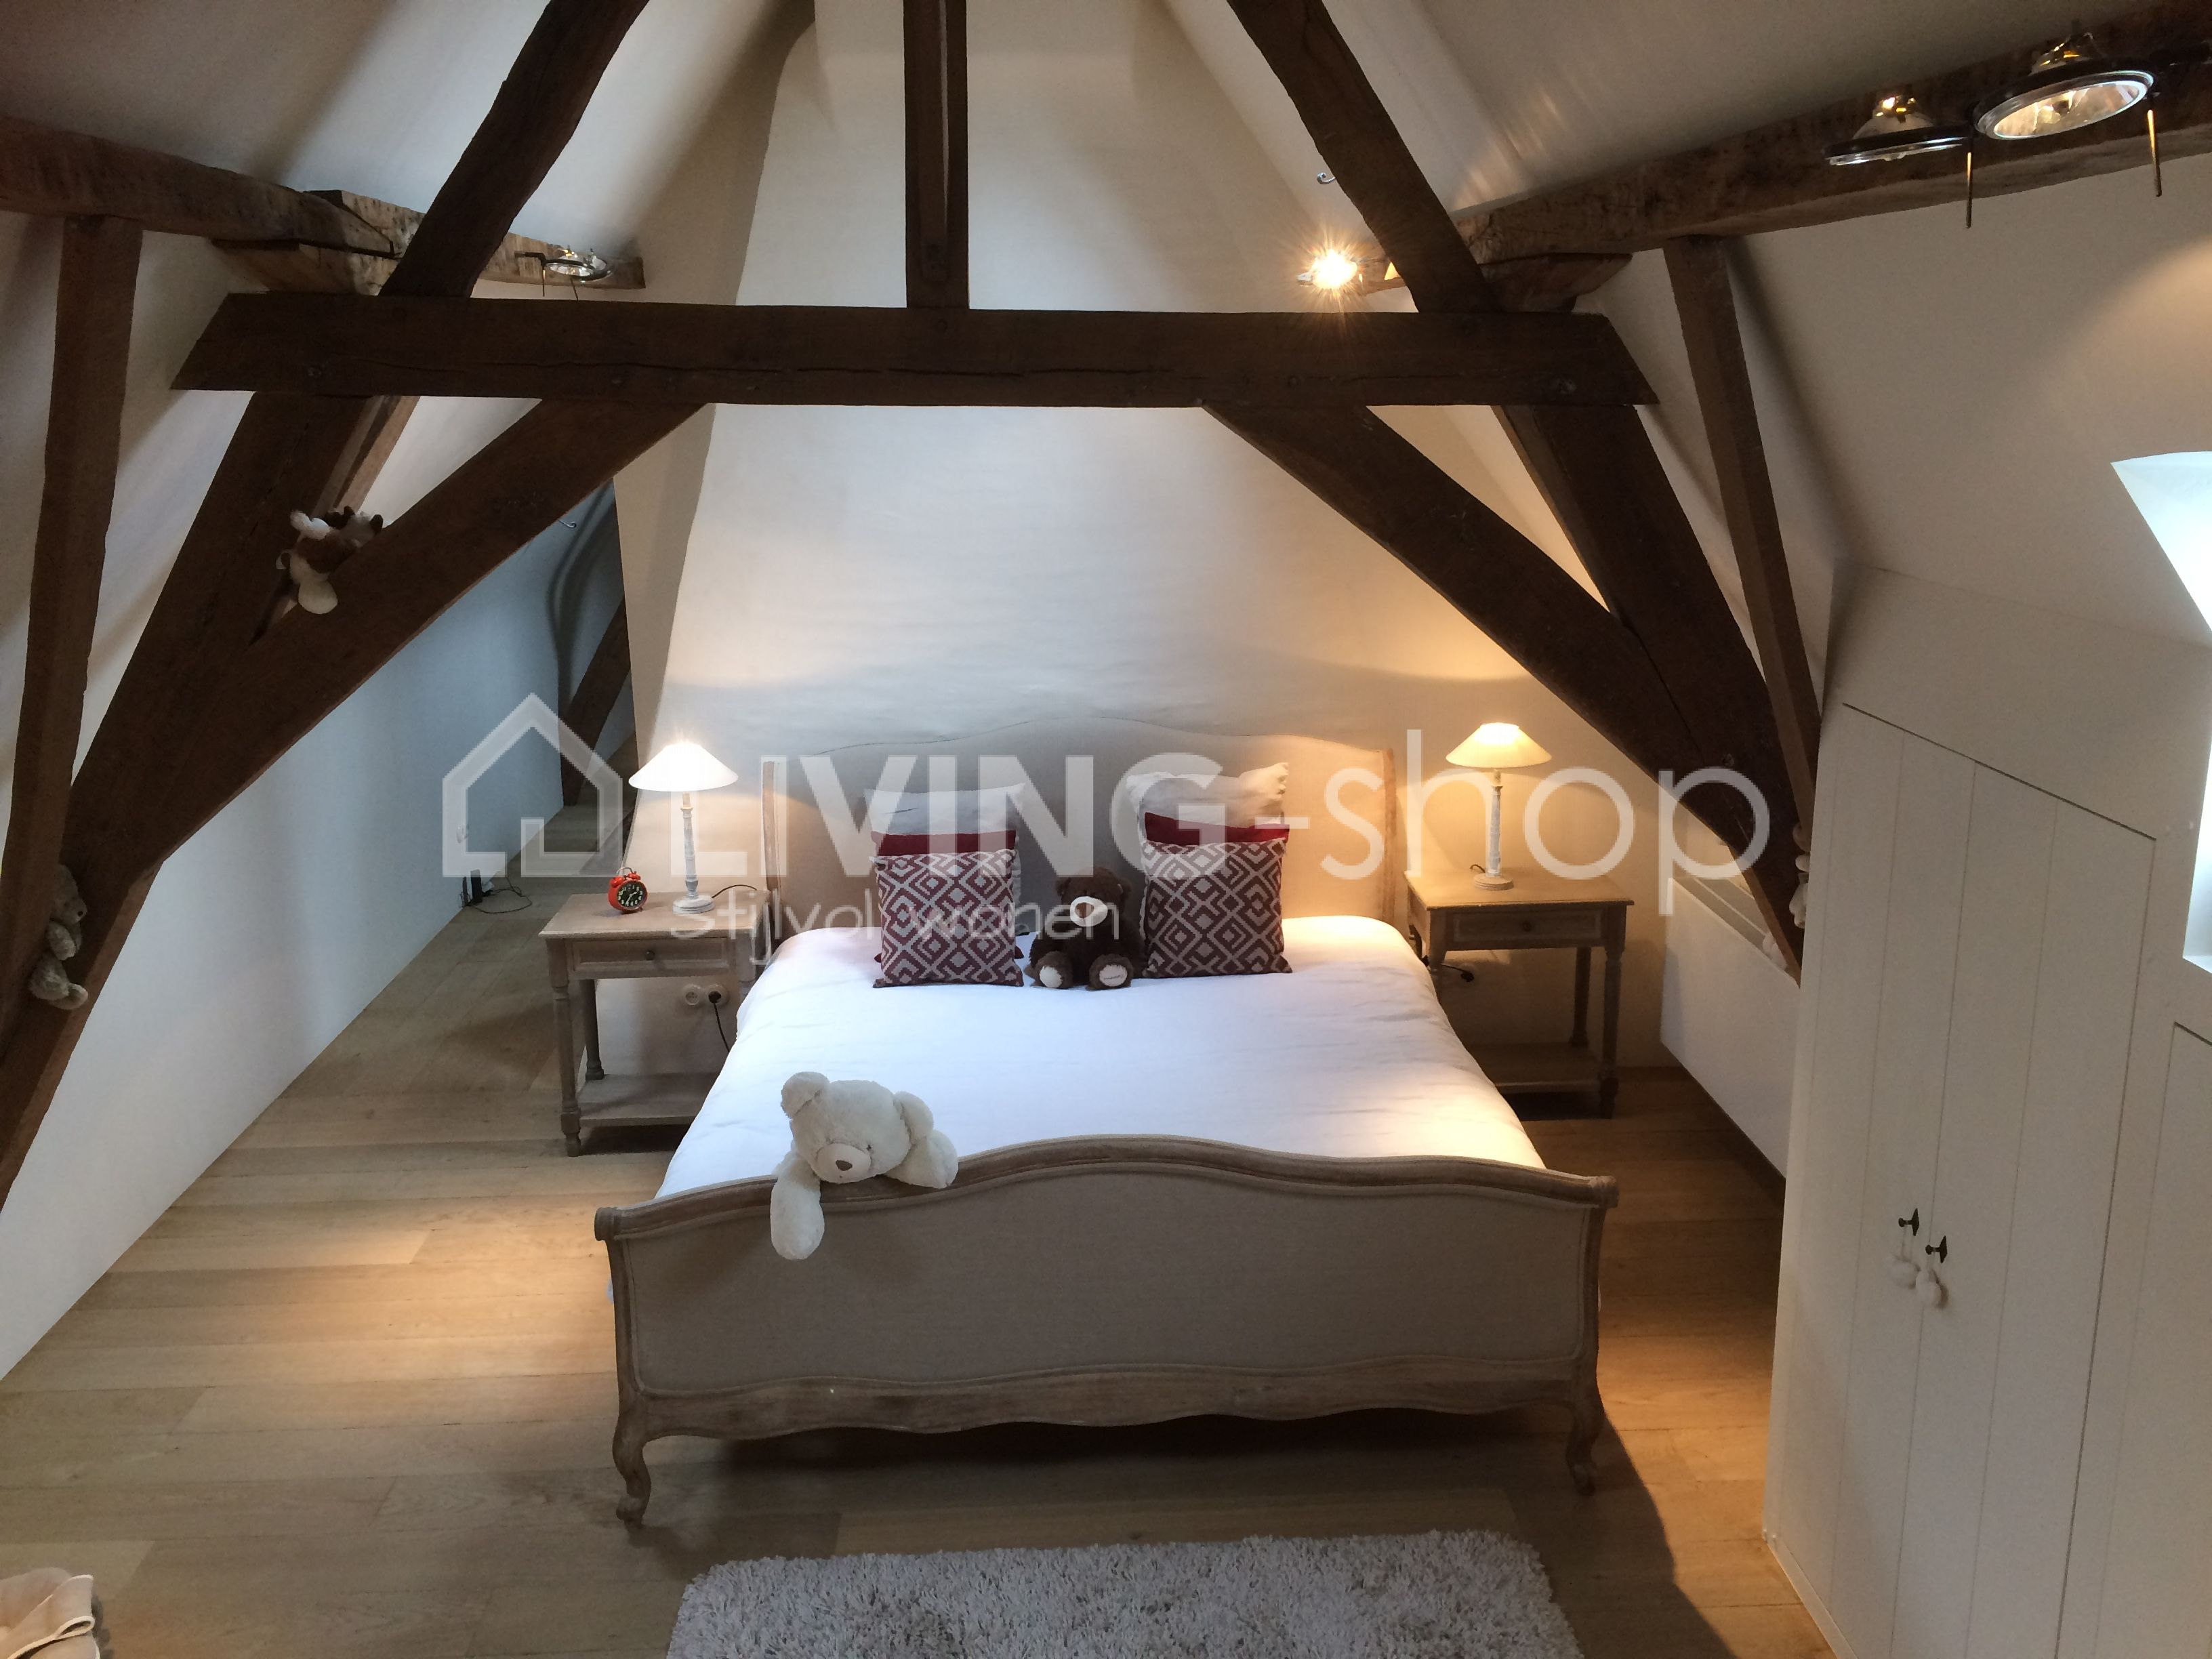 Slaapkamer Landelijke Stijl : Landelijk bed eik oak aged grey wonen landelijke stijl slaapkamer